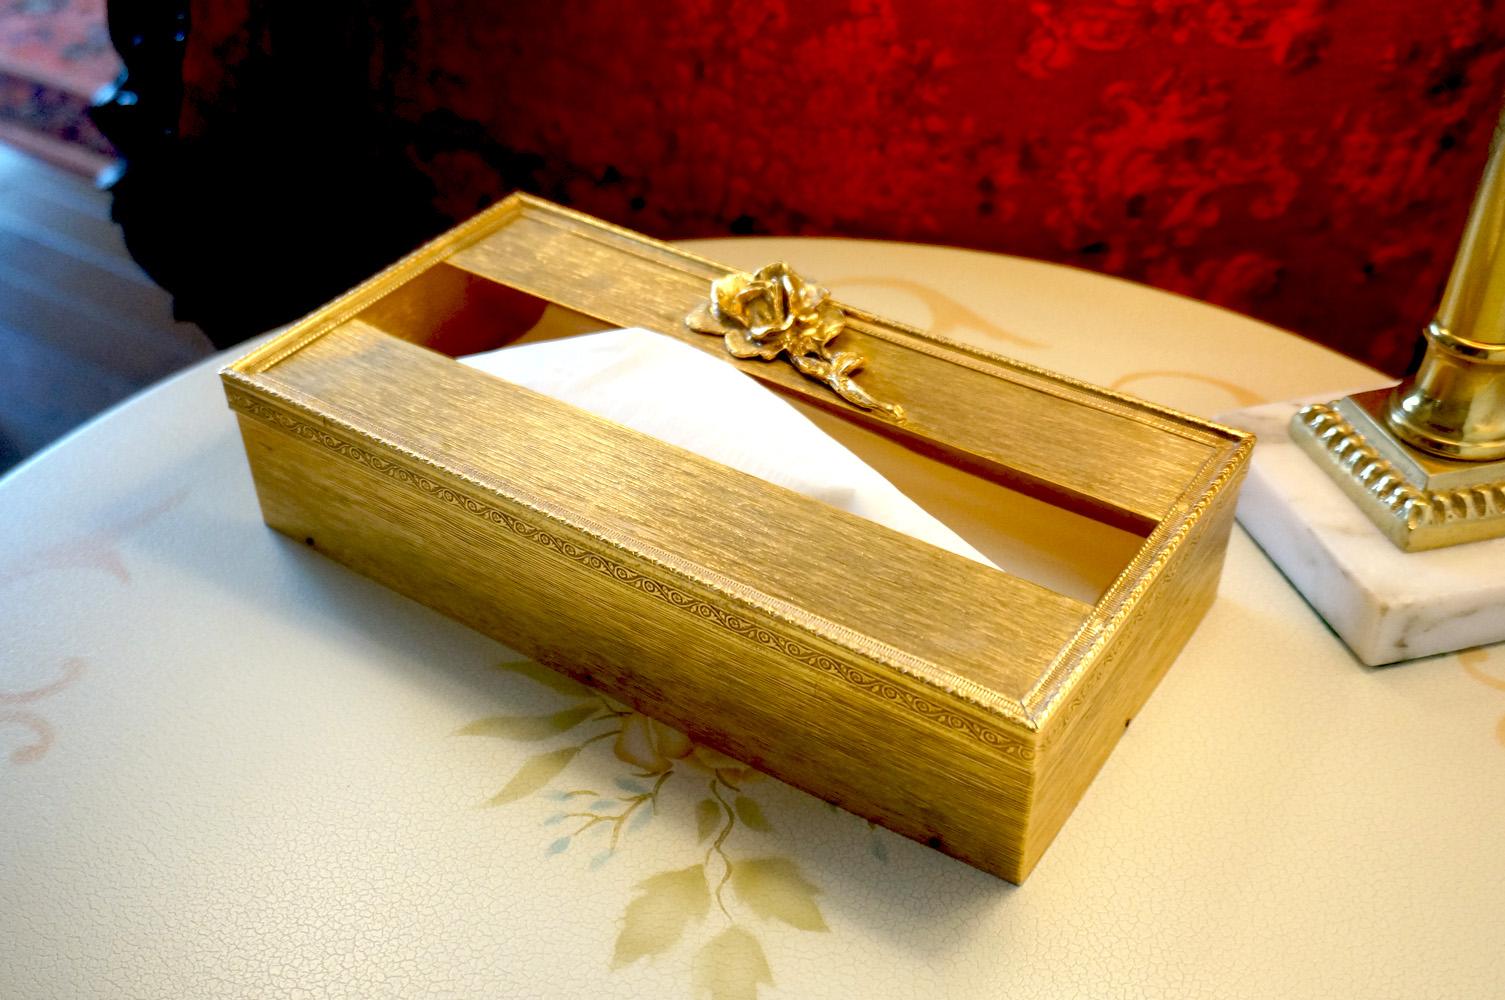 Sold:ゴールド ローズ ティッシュボックス